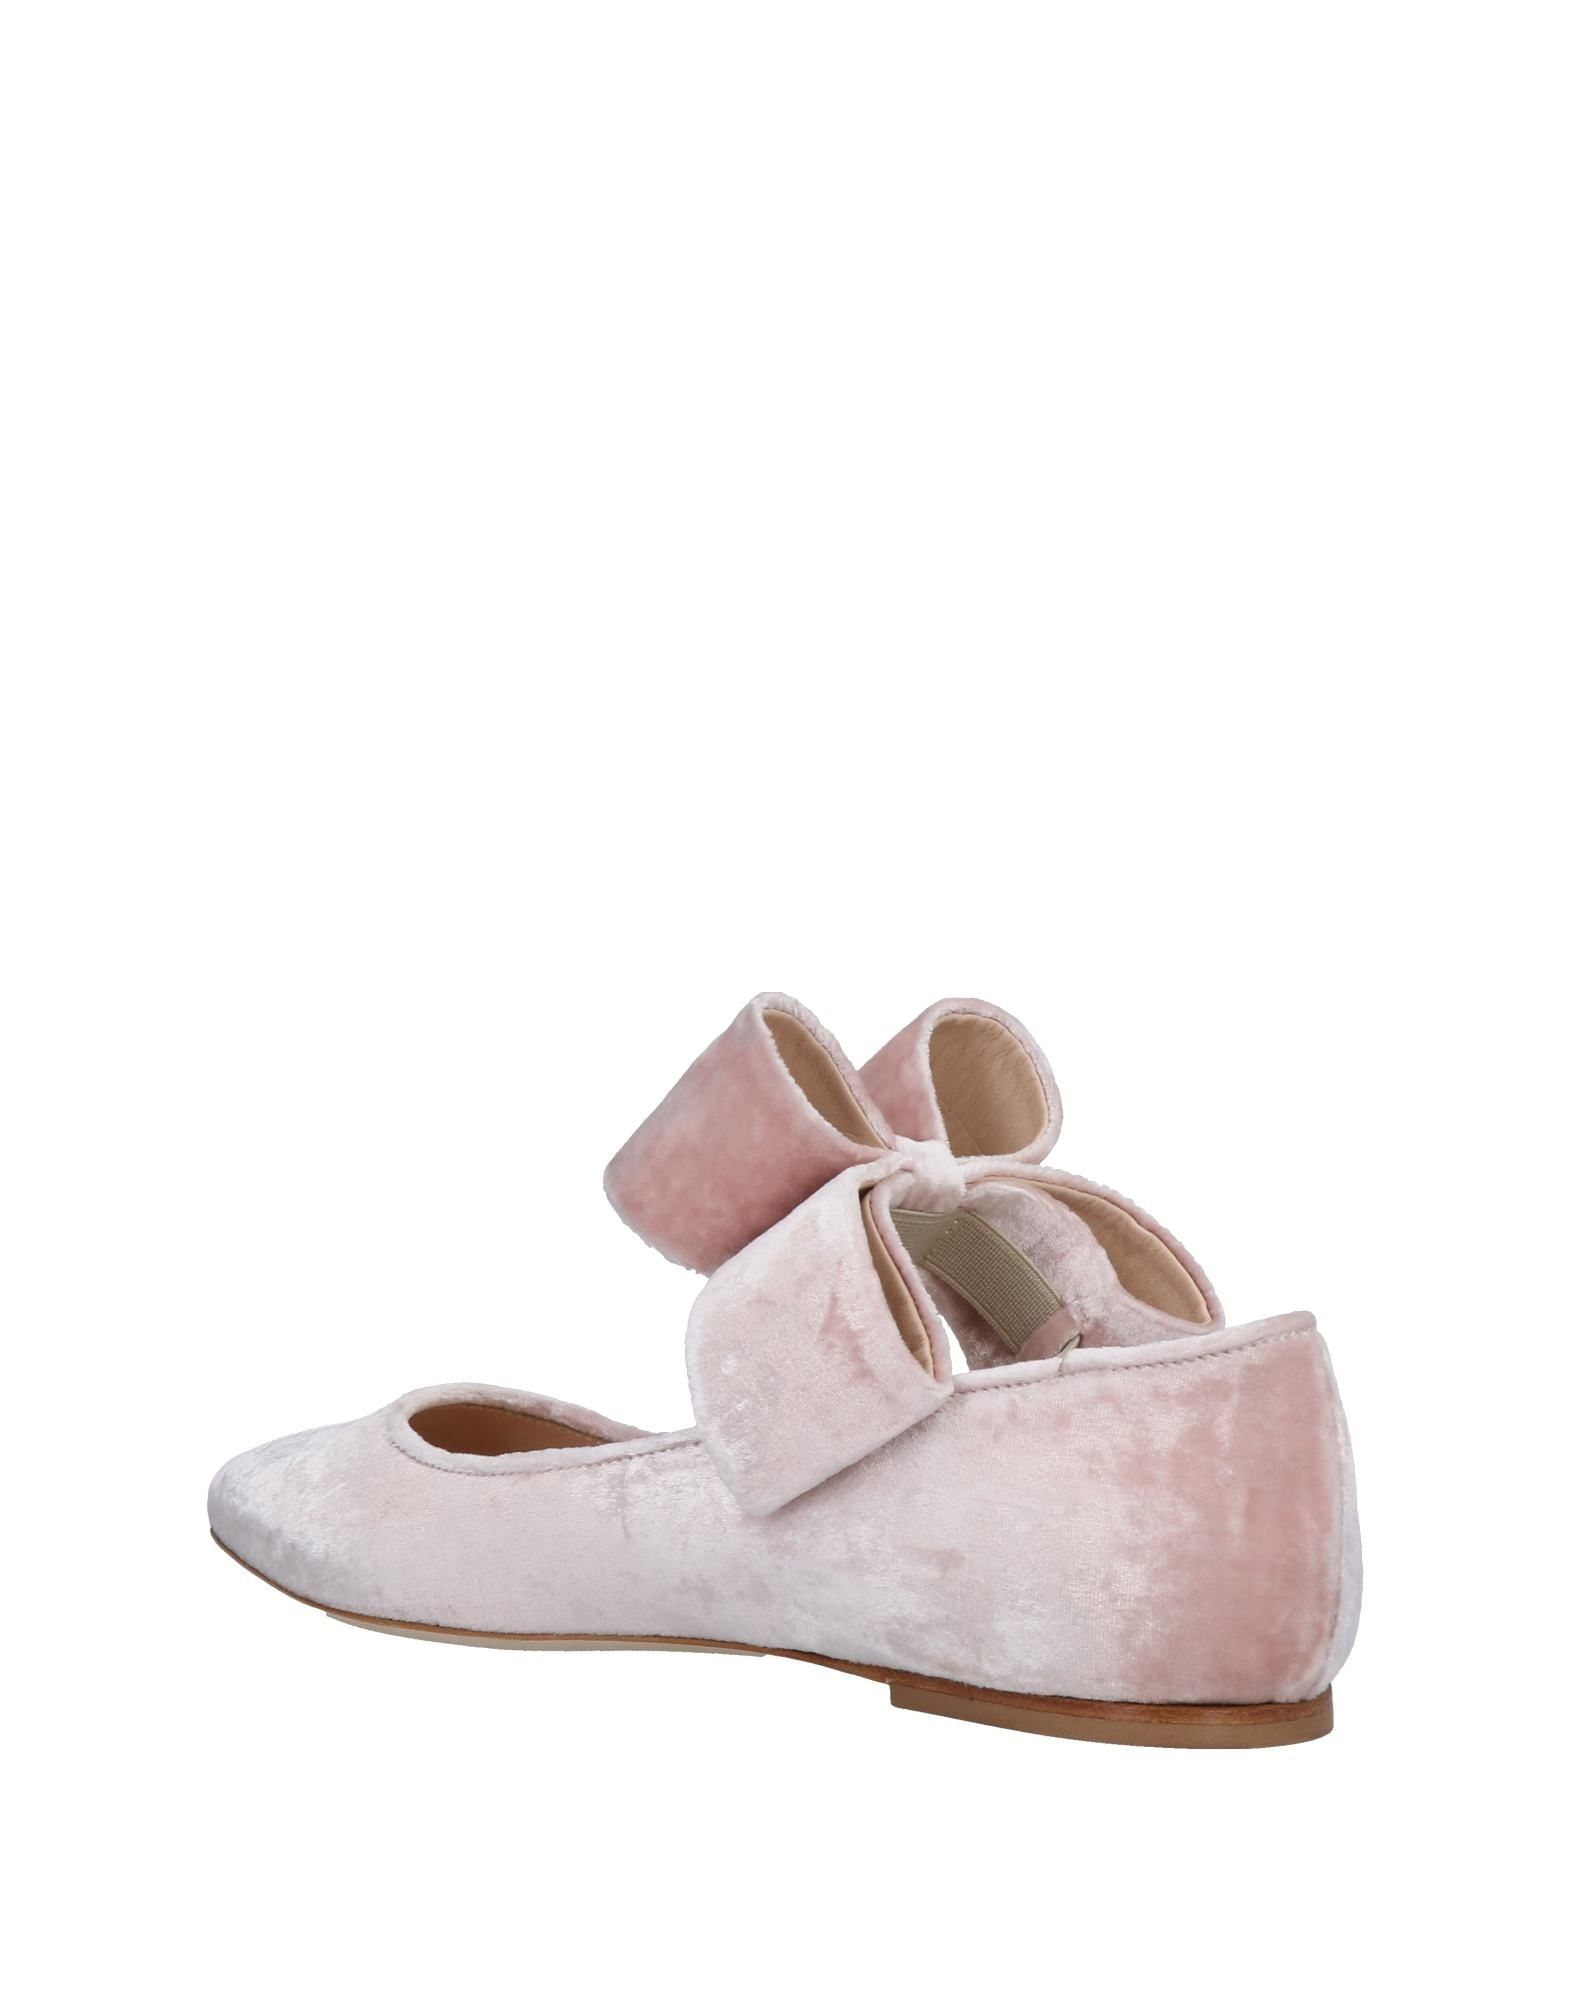 Stilvolle billige Ballerinas Schuhe Polly Plume Ballerinas billige Damen  11473492WM c170d9